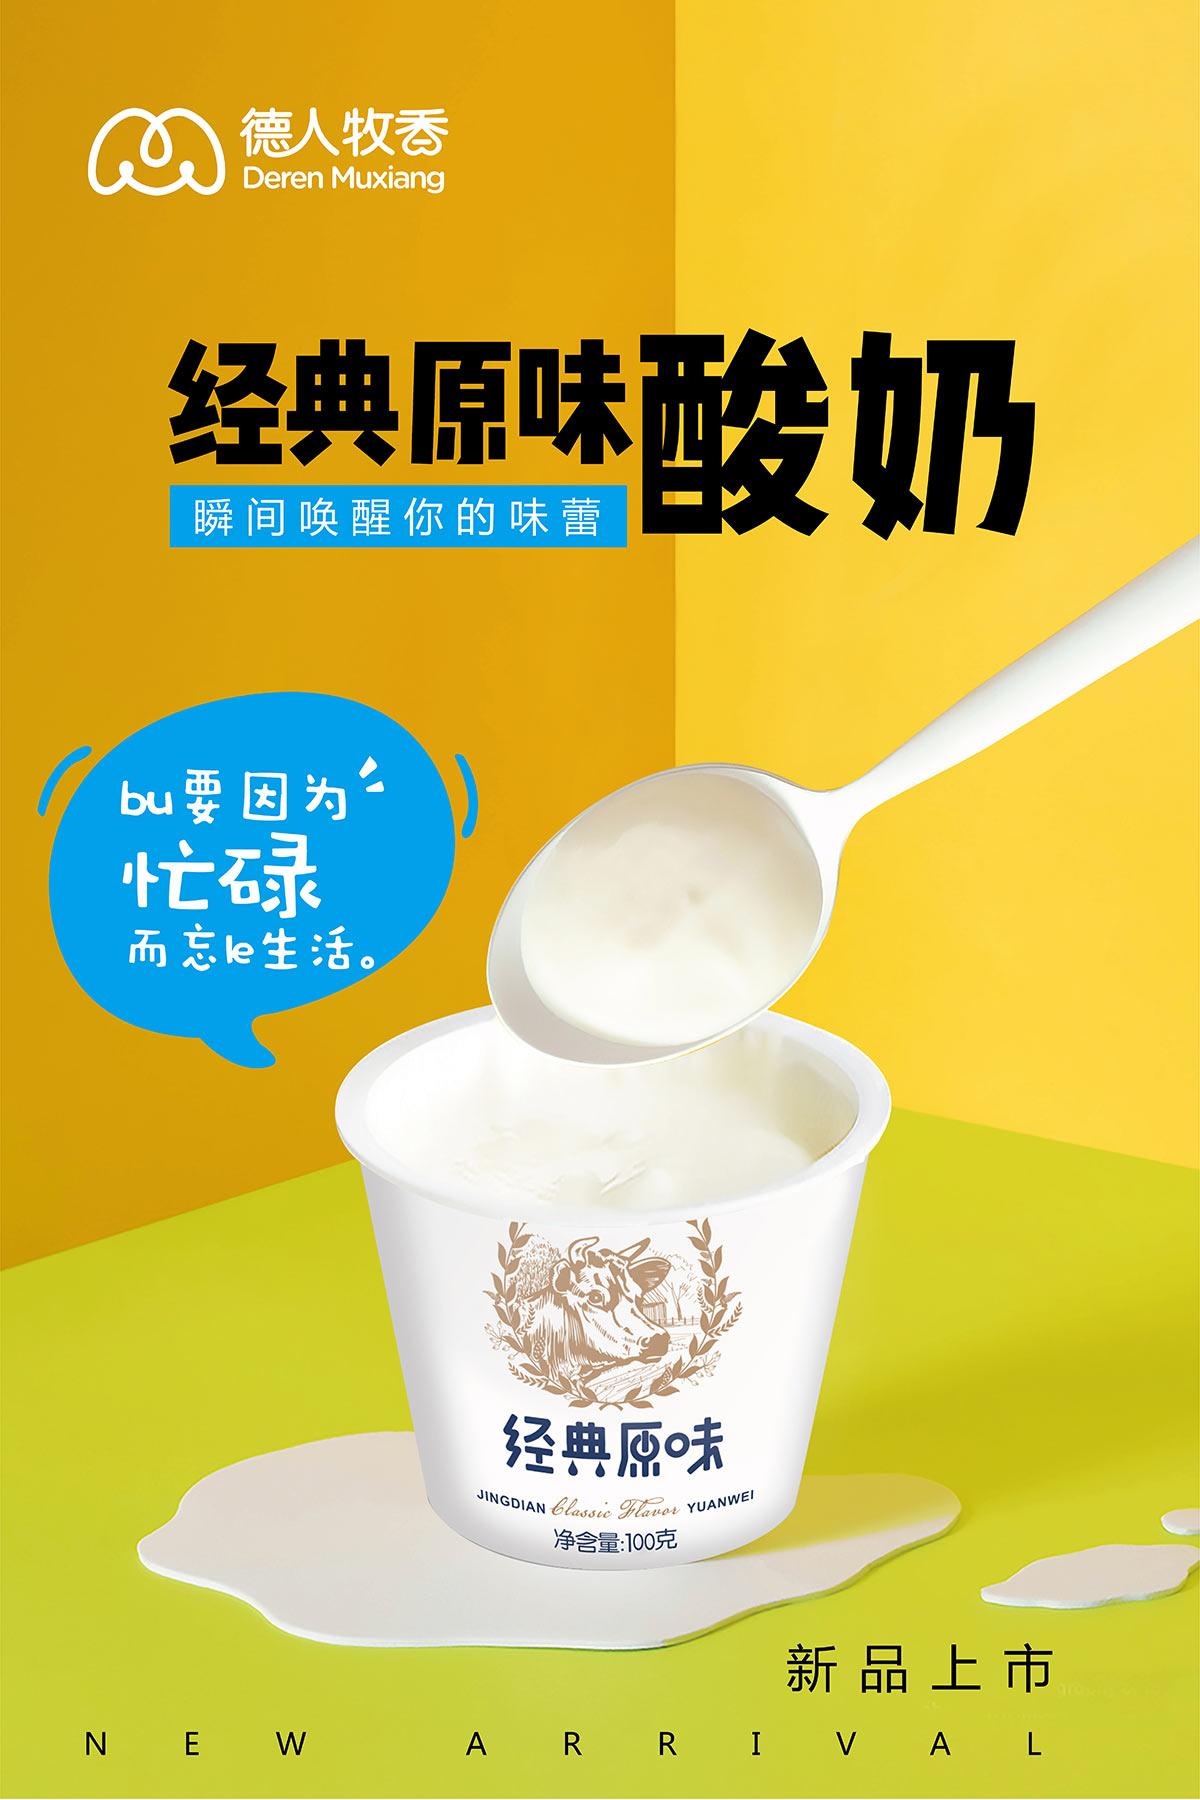 经典原味酸奶